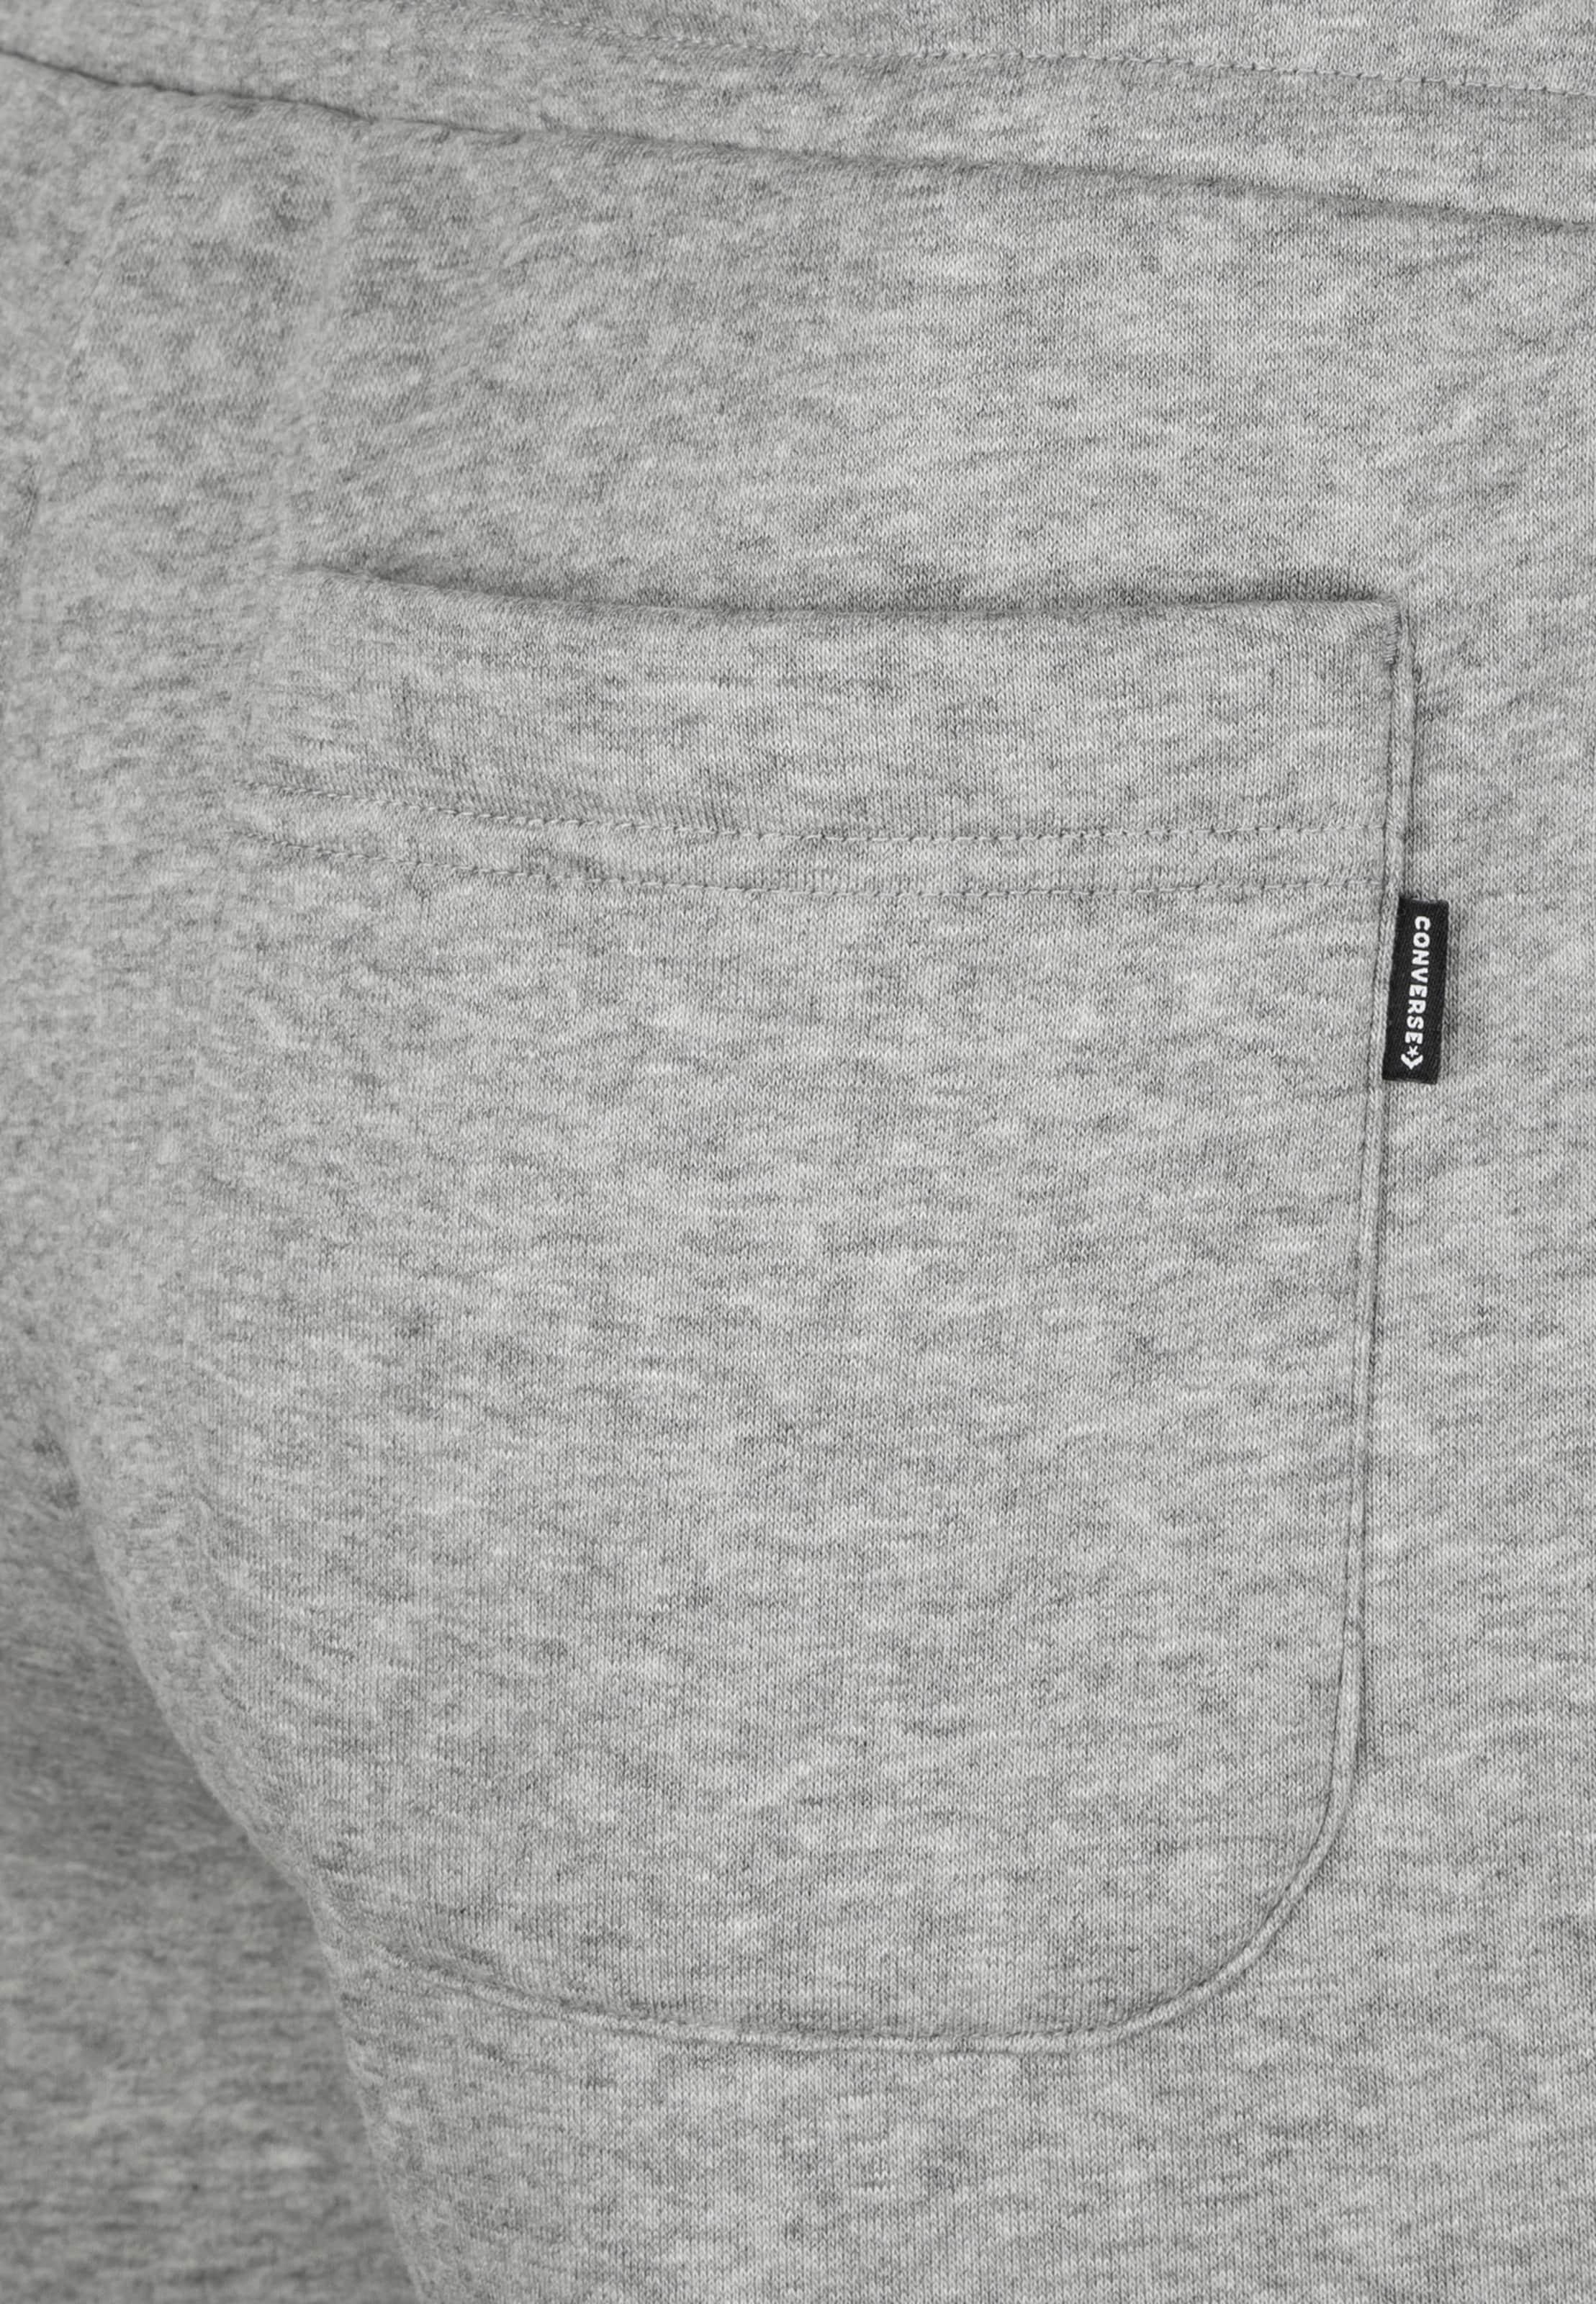 Chevron Graphic' Converse En Blanc 'star GrisNoir Pantalon CoerdxB